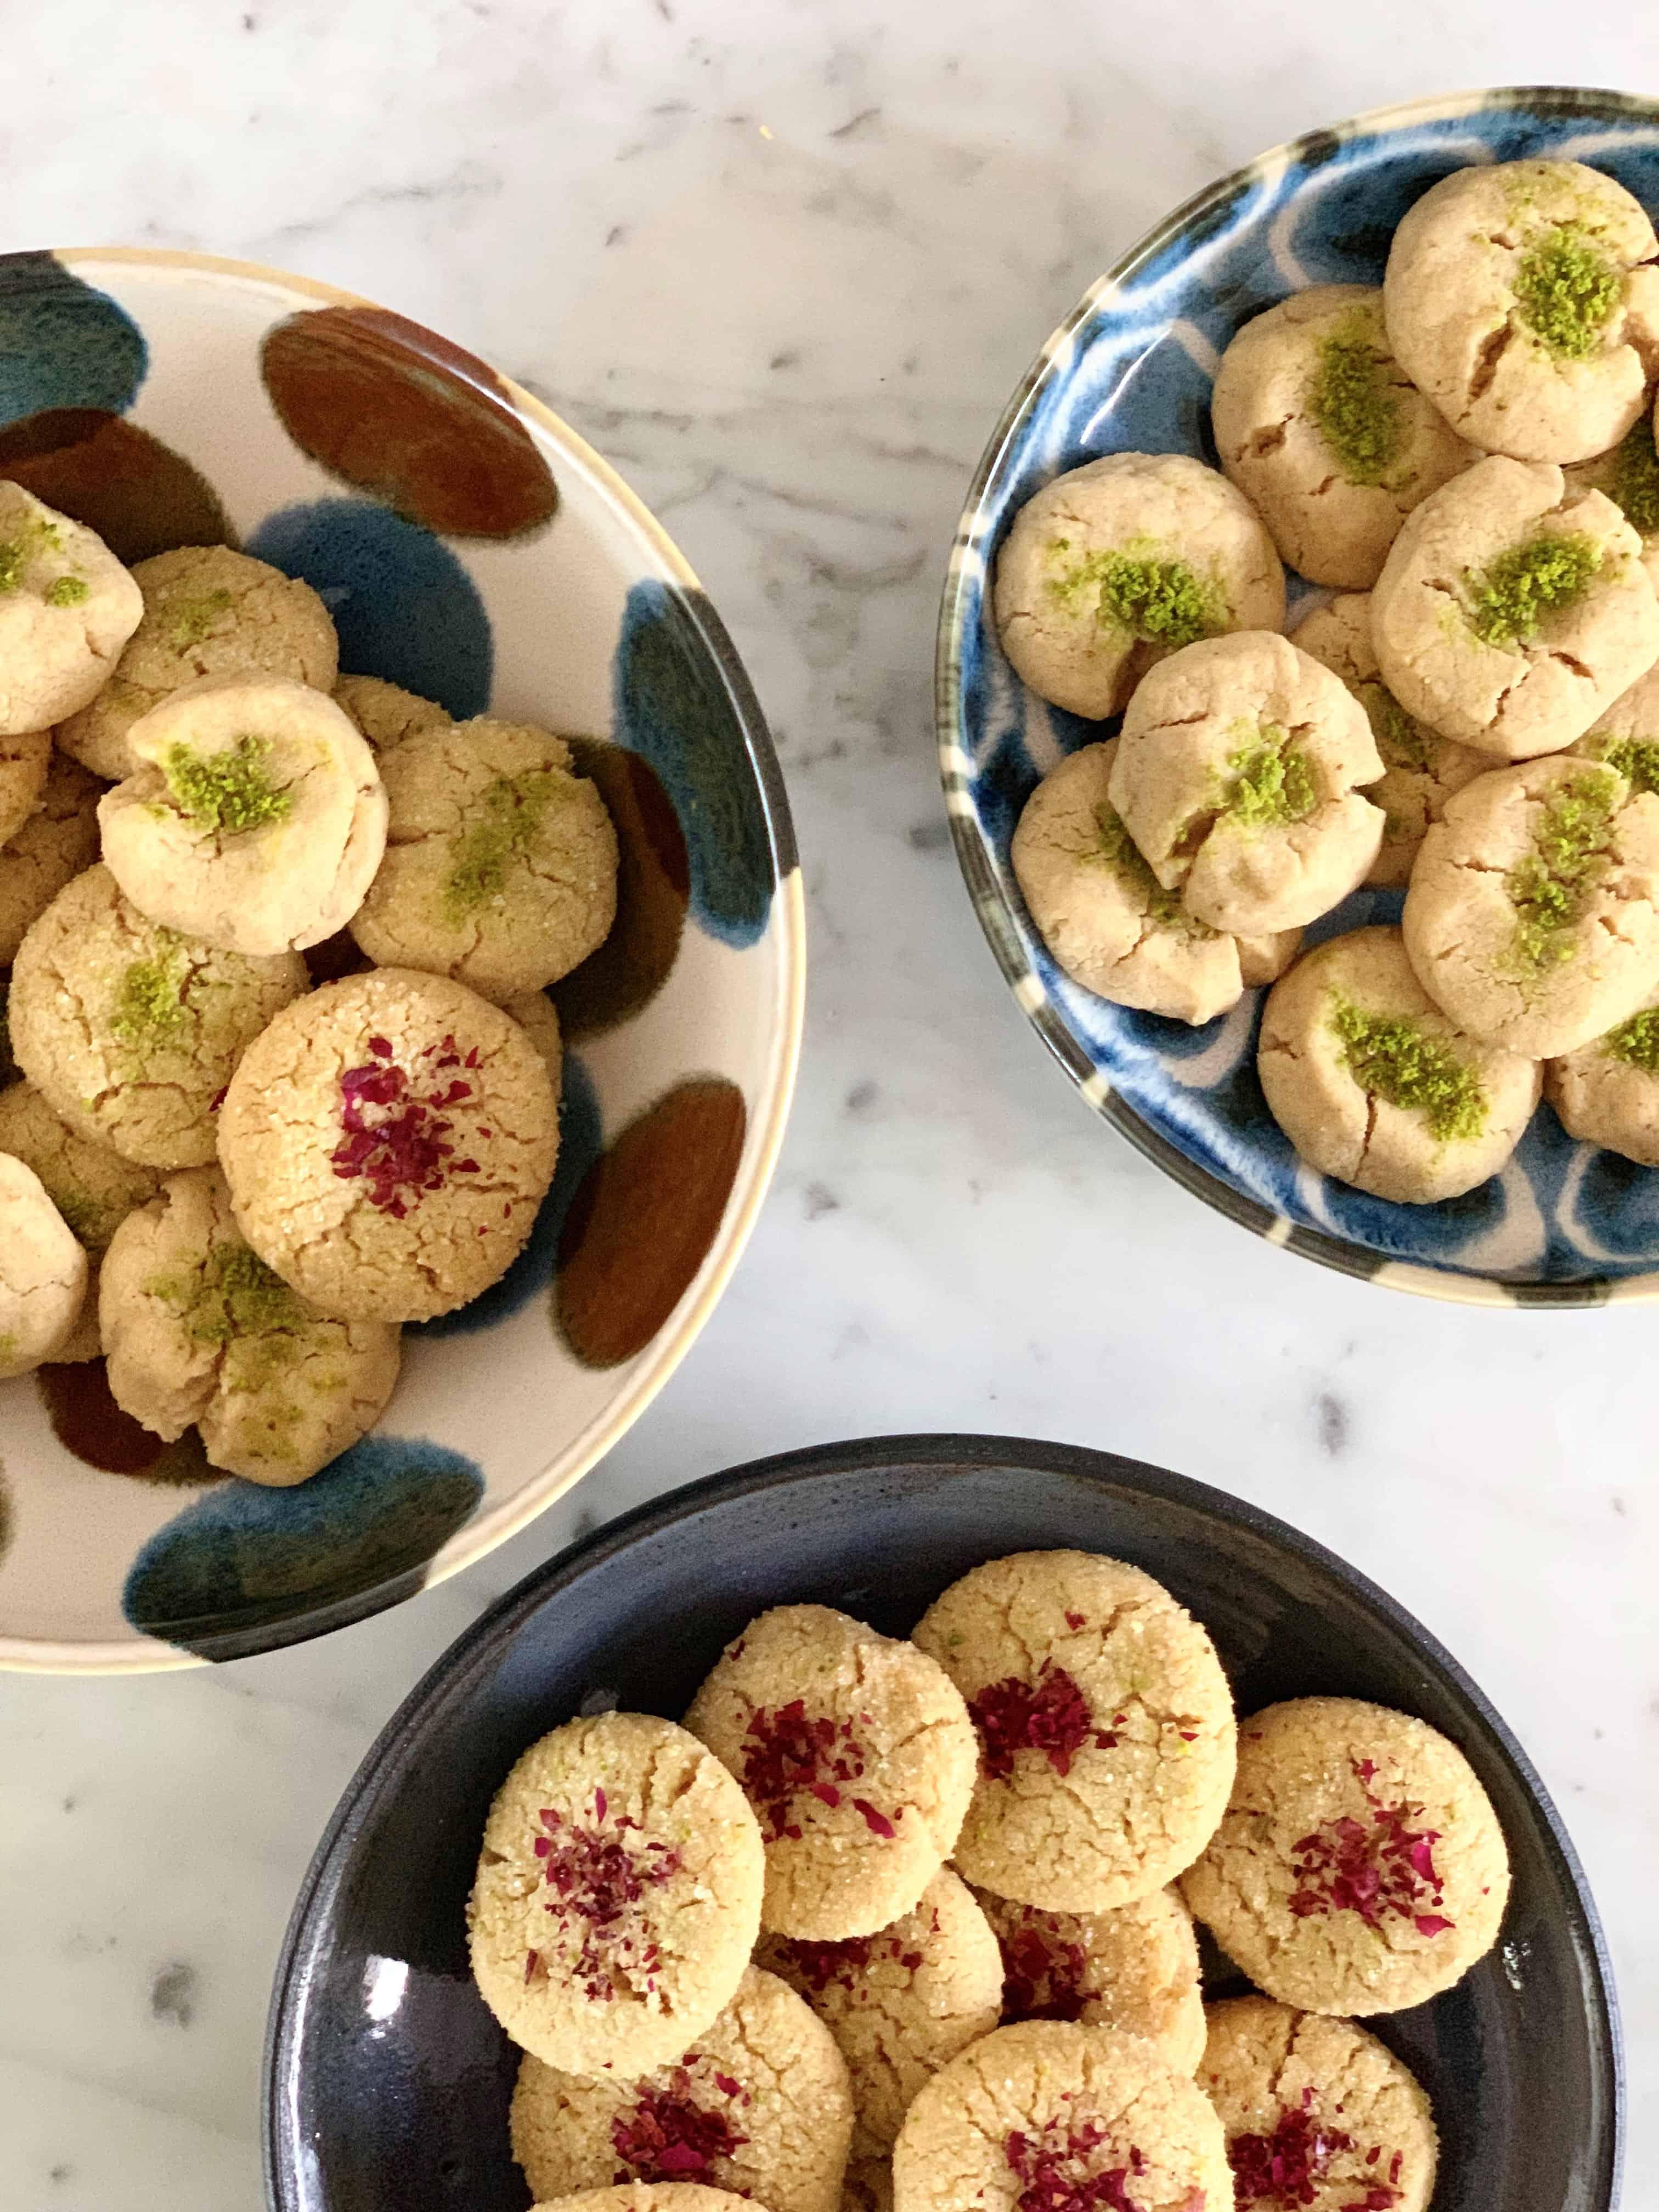 עוגיות טחינה עם הל, מי ורדים ופיסטוקים